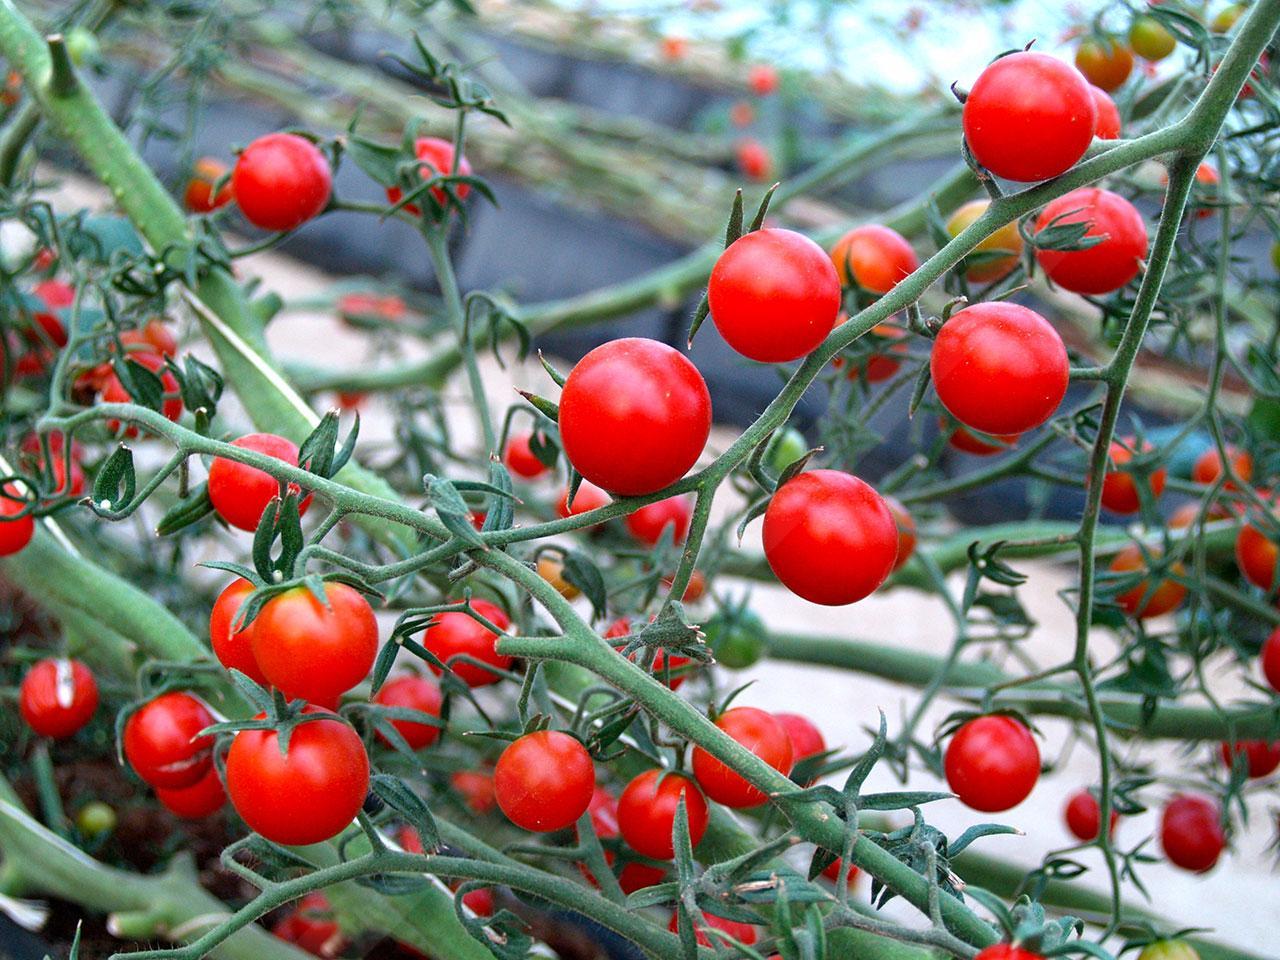 Red Cherry Tomato ผลกลม เปลือกบาง รสชาติเข้มข้น